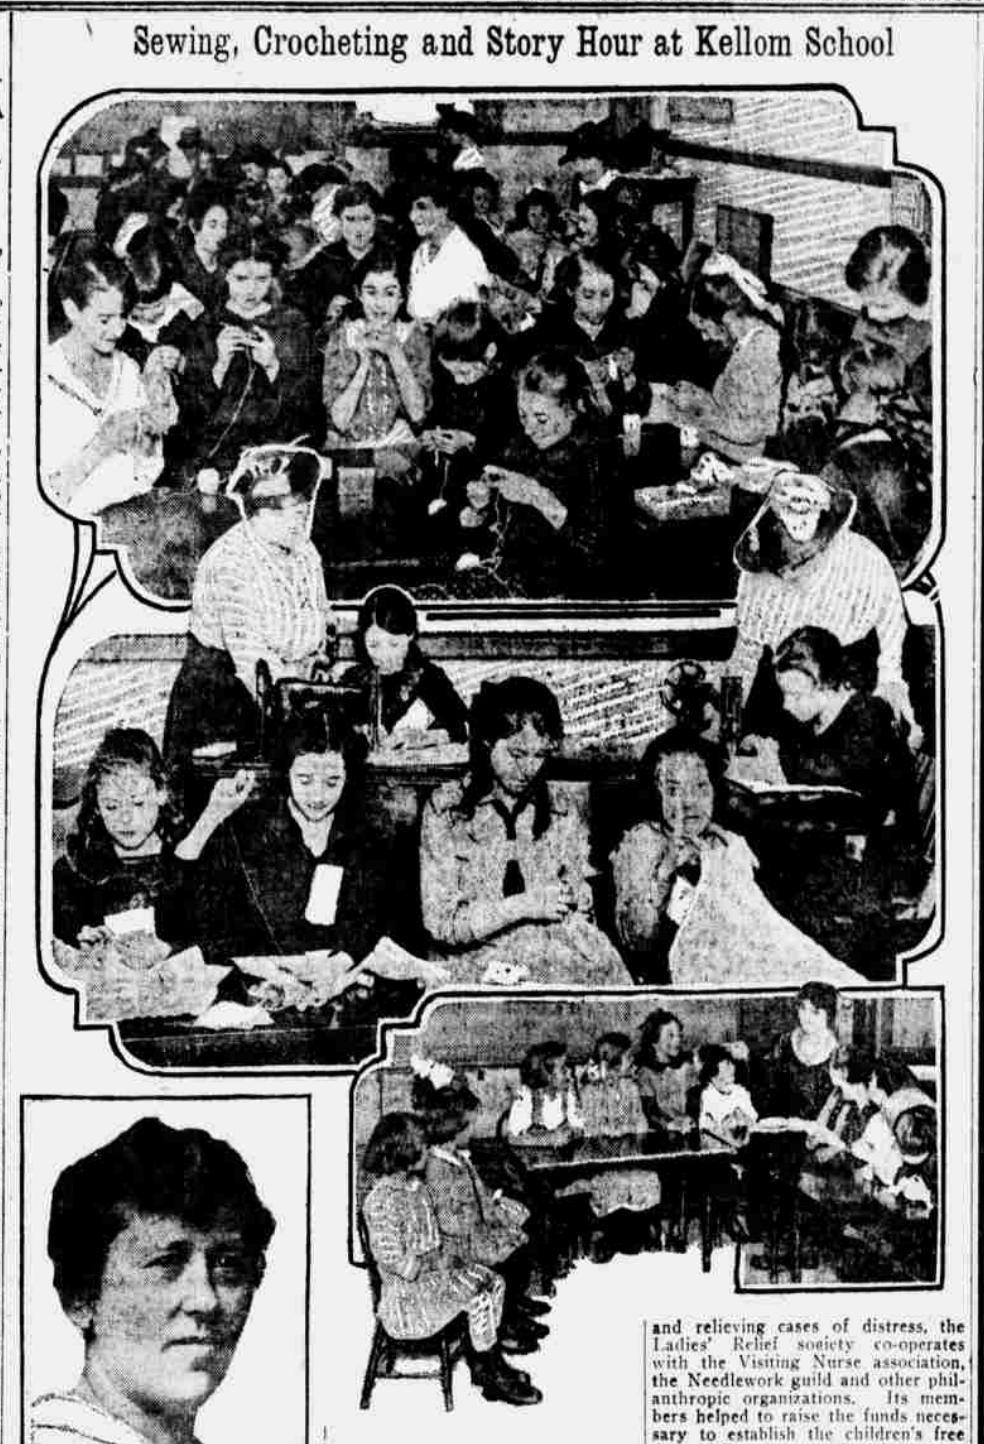 1908 Kellom School, North Omaha, Nebraska